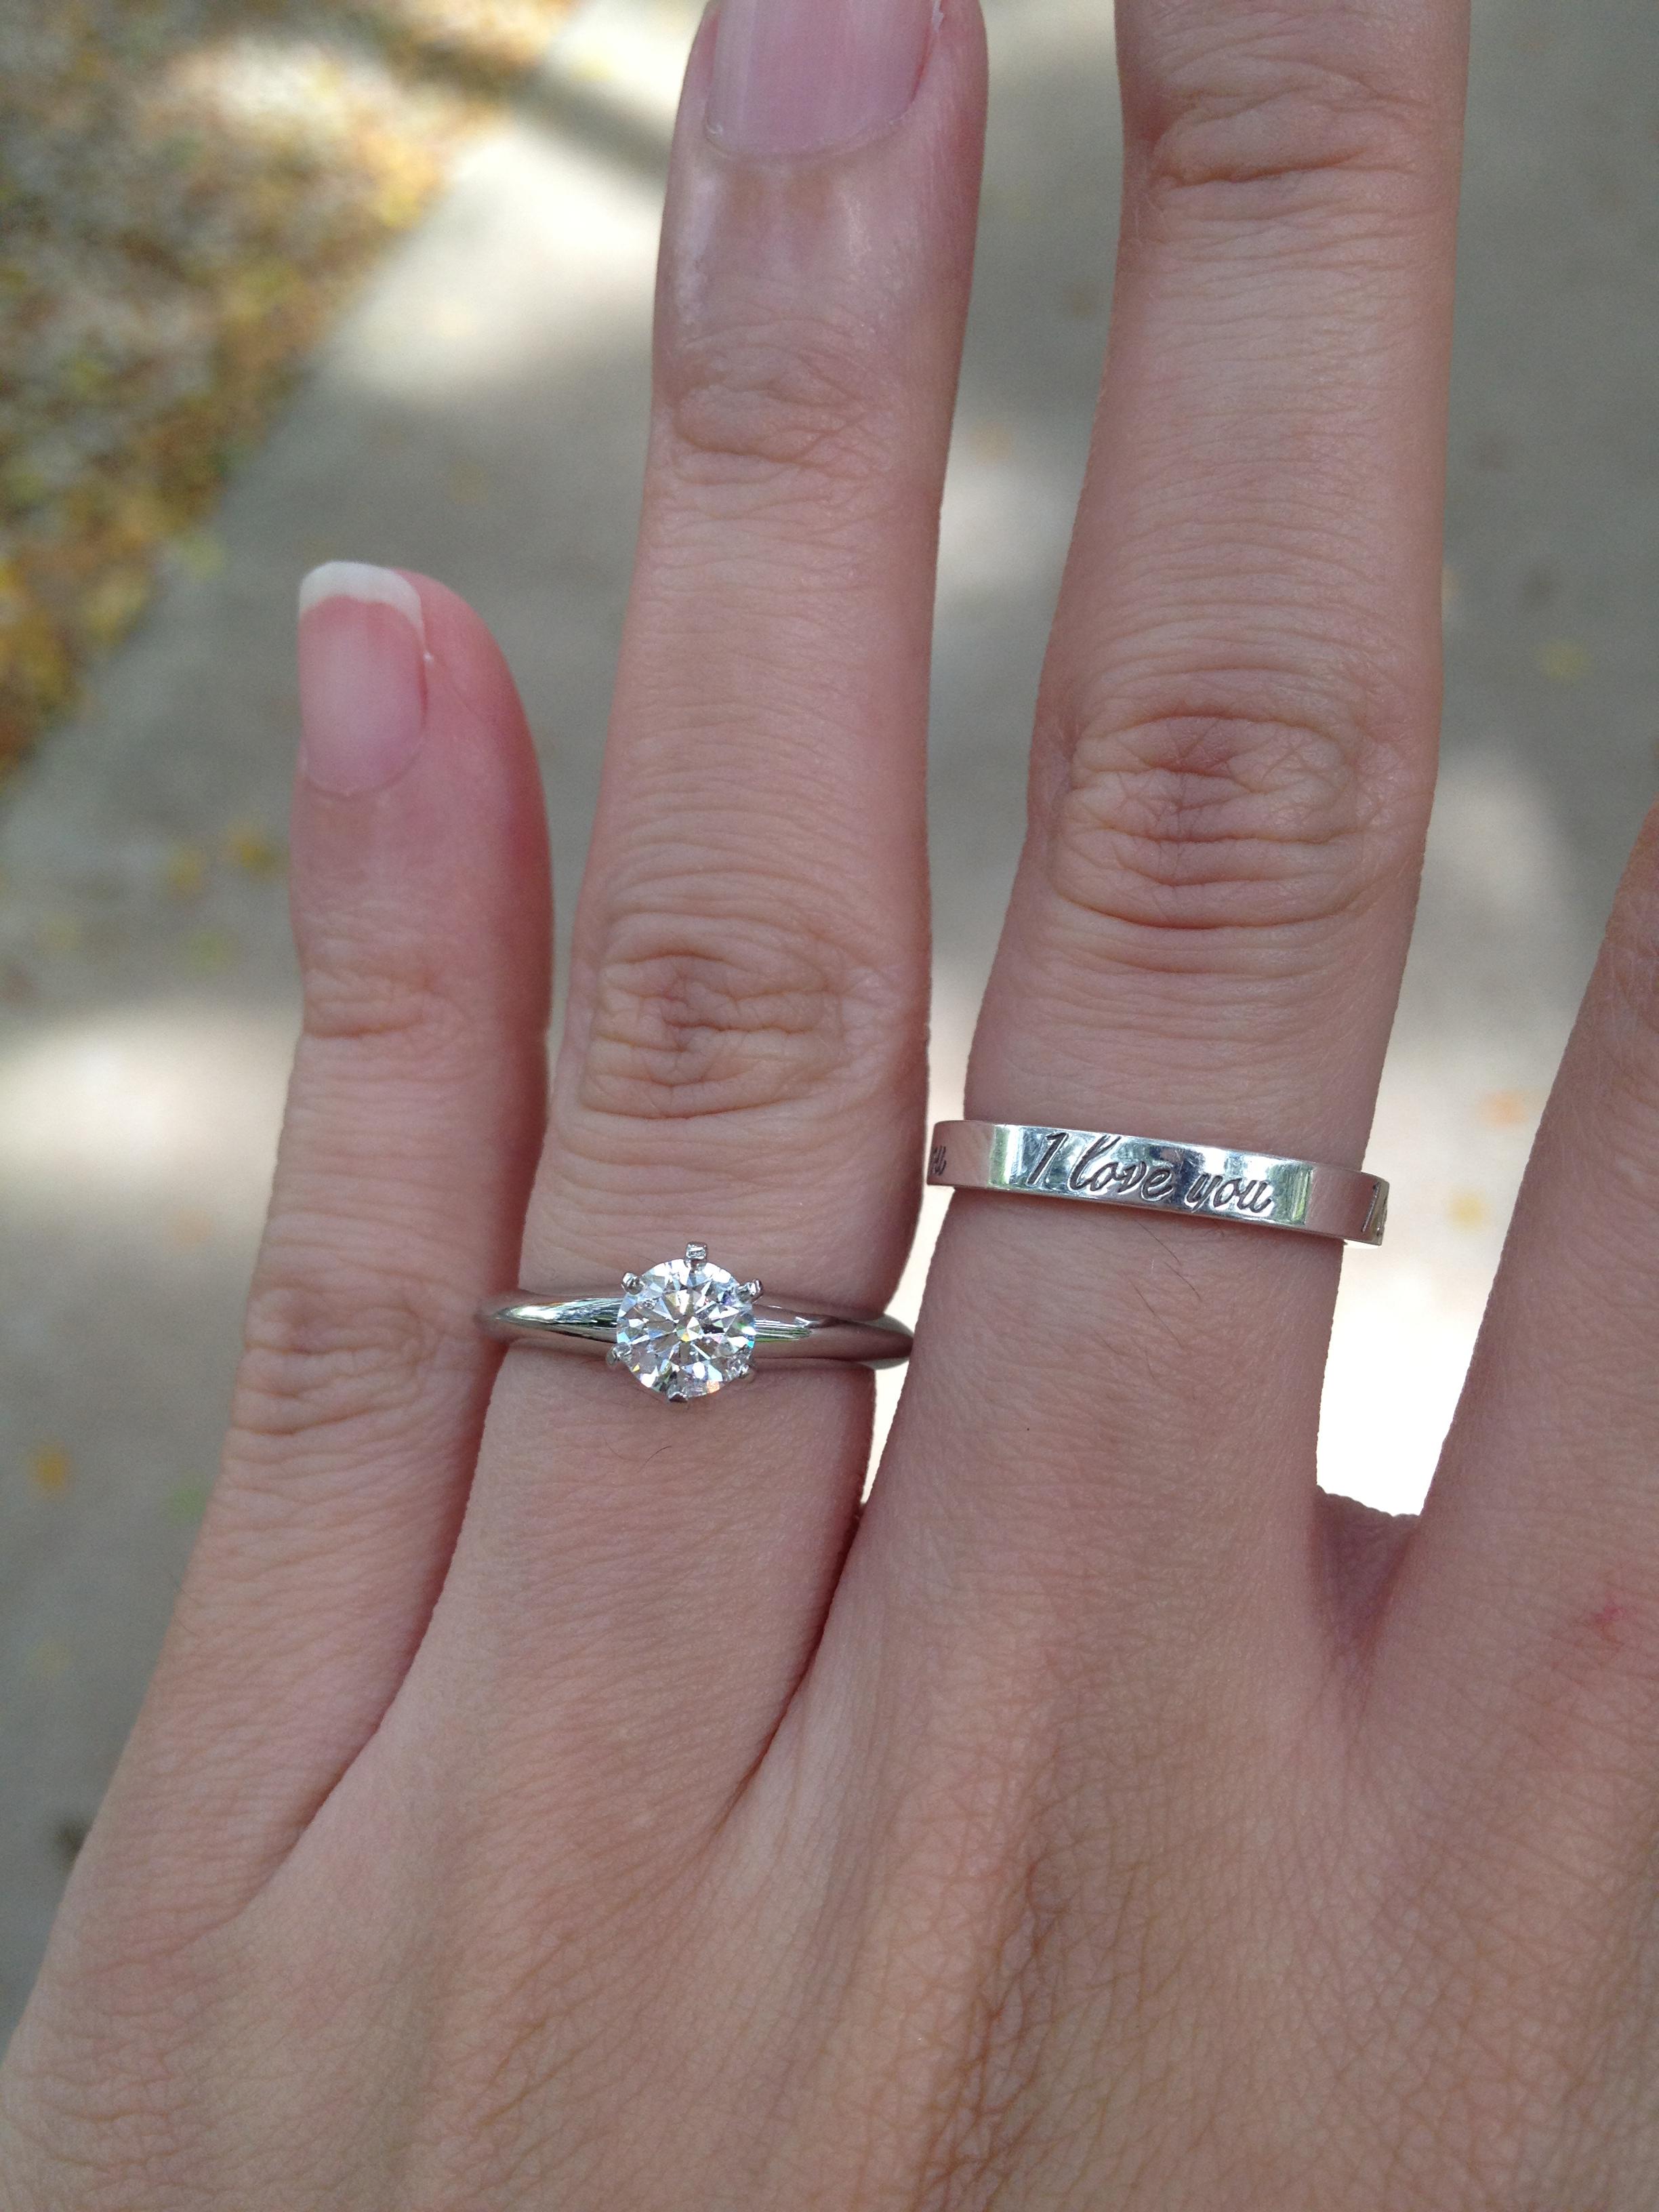 01e8ae93bd16 ... Costco piensan realmente que estaban comprando un anillo de Tiffany  ¿O  es sólo otra demanda frívola destinada a preservar la estatura de la  joyería de ...